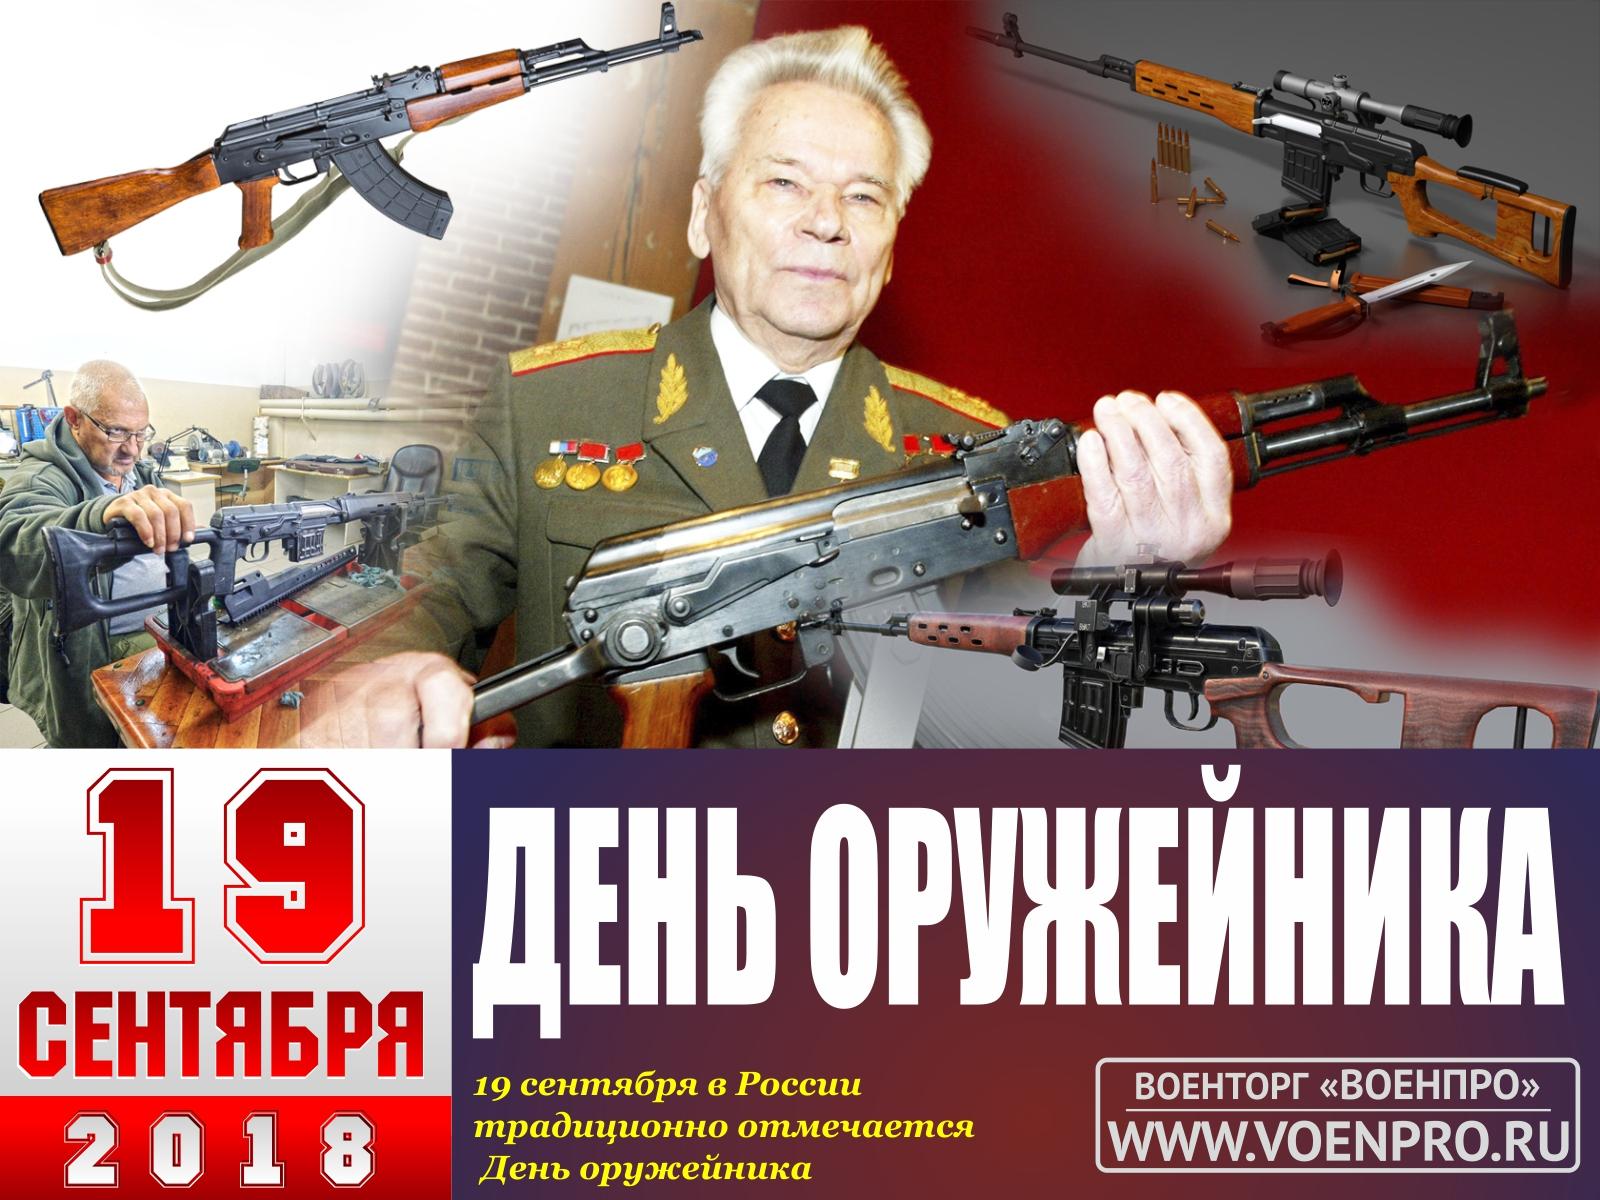 Красивые картинки с днем оружейника в России (9)